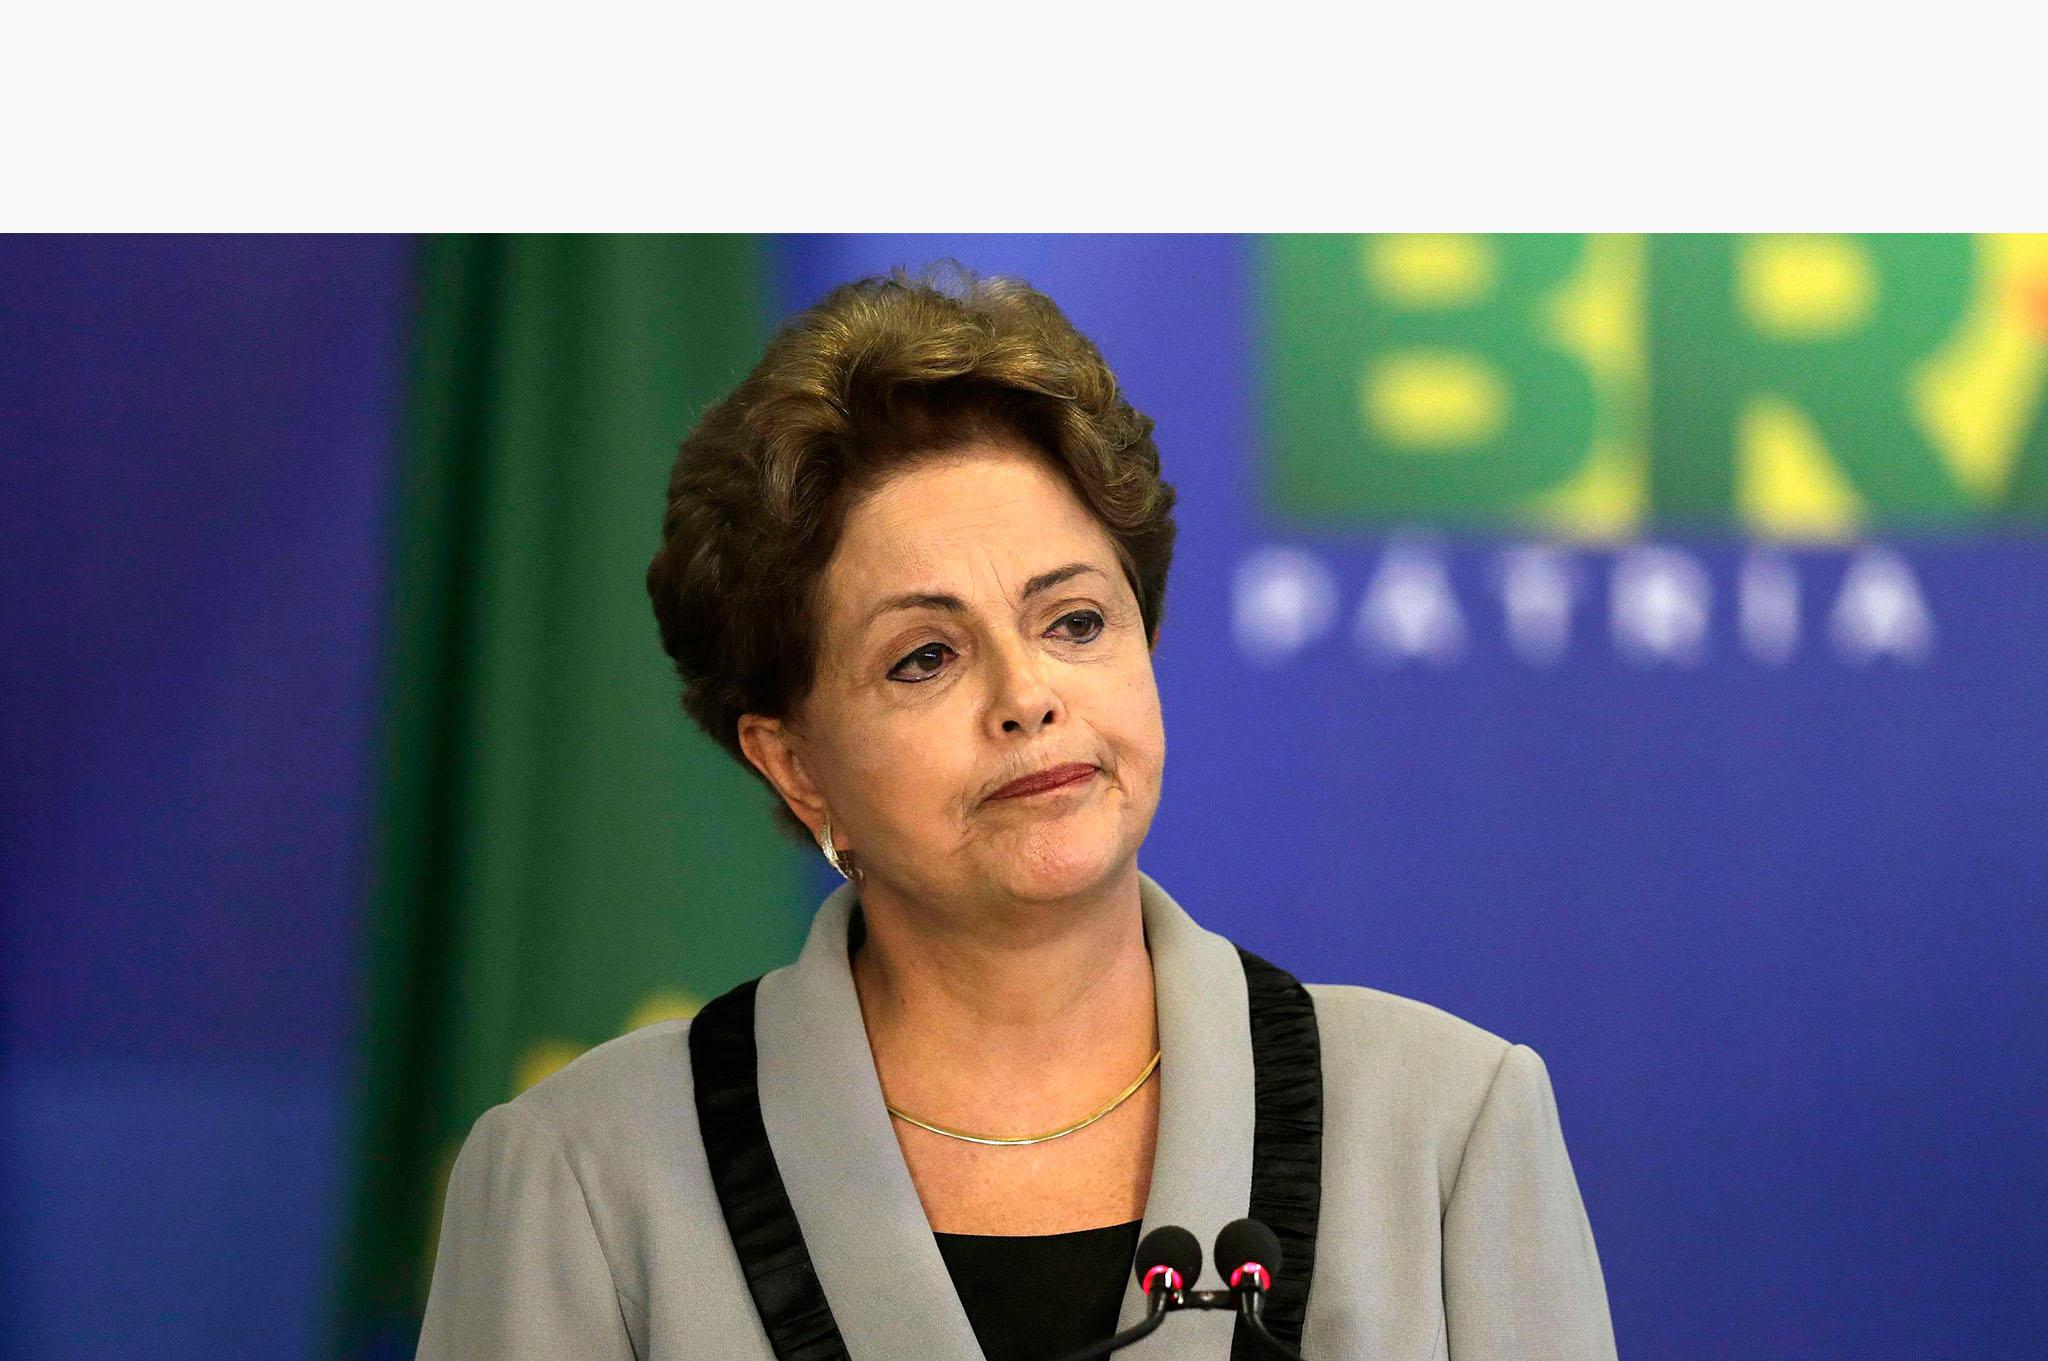 La presidenta de Brasil será juzgada para determinar si finalmente será removida de sus funciones por irregularidades